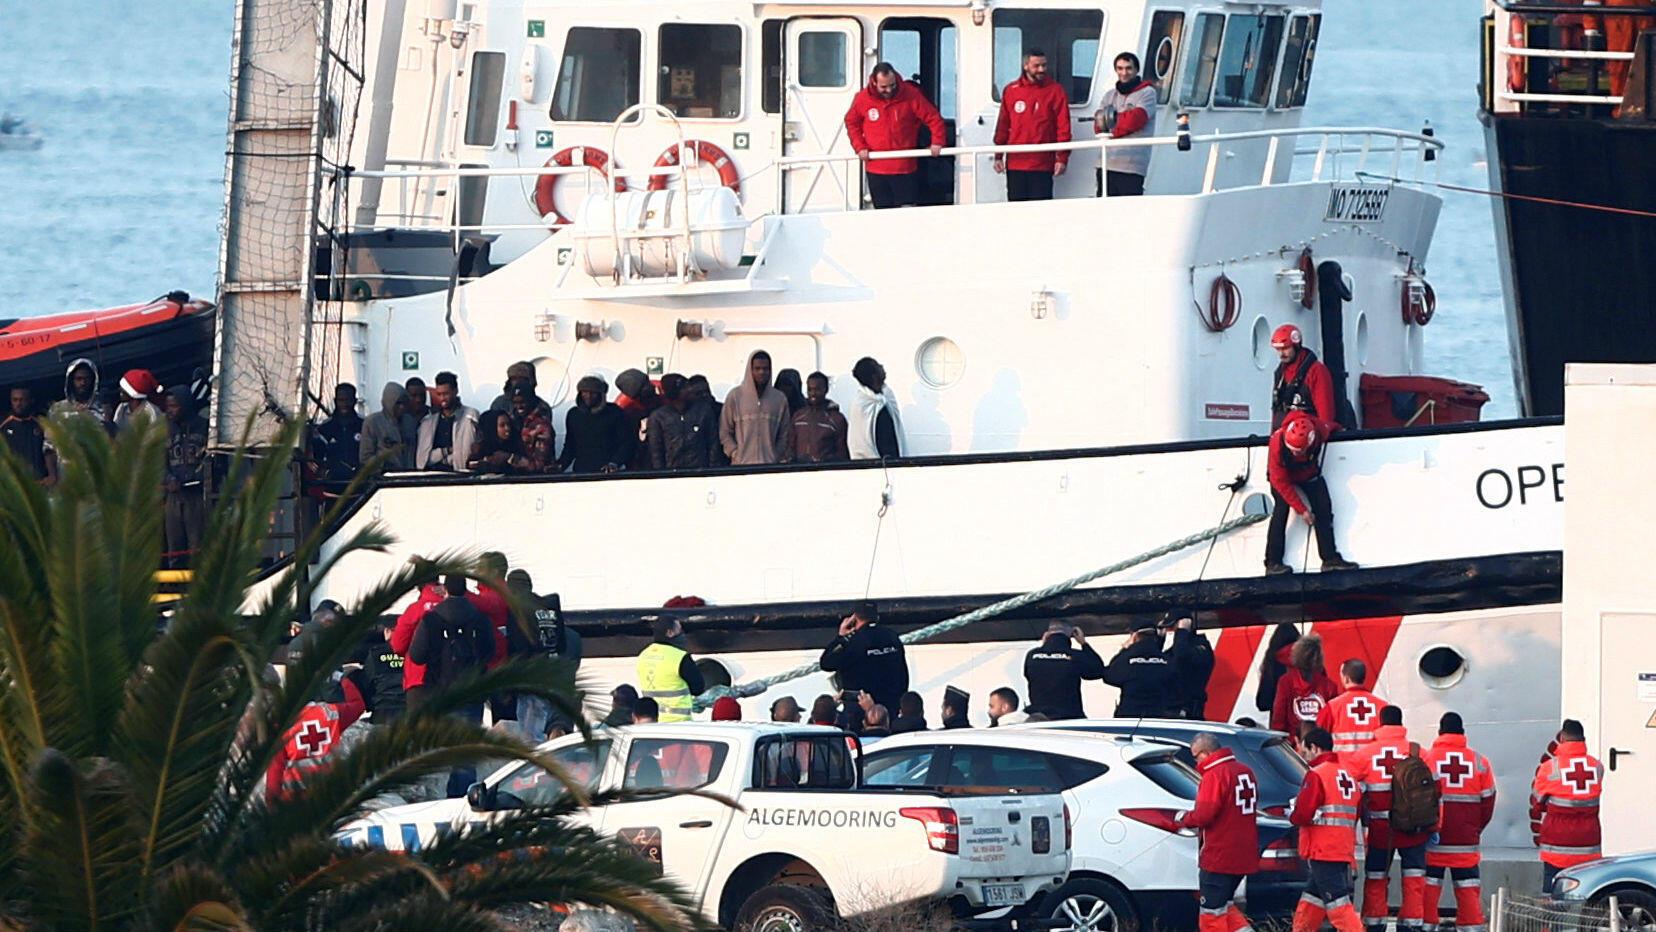 El bote de rescate de la ONG Proactiva Open Arms se ve atracado con migrantes rescatados en el Mar Mediterráneo Central, en el Centro de Atención Temporal para Extranjeros (CATE) en el puerto de Algeciras, España, el 28 de diciembre de 2018.